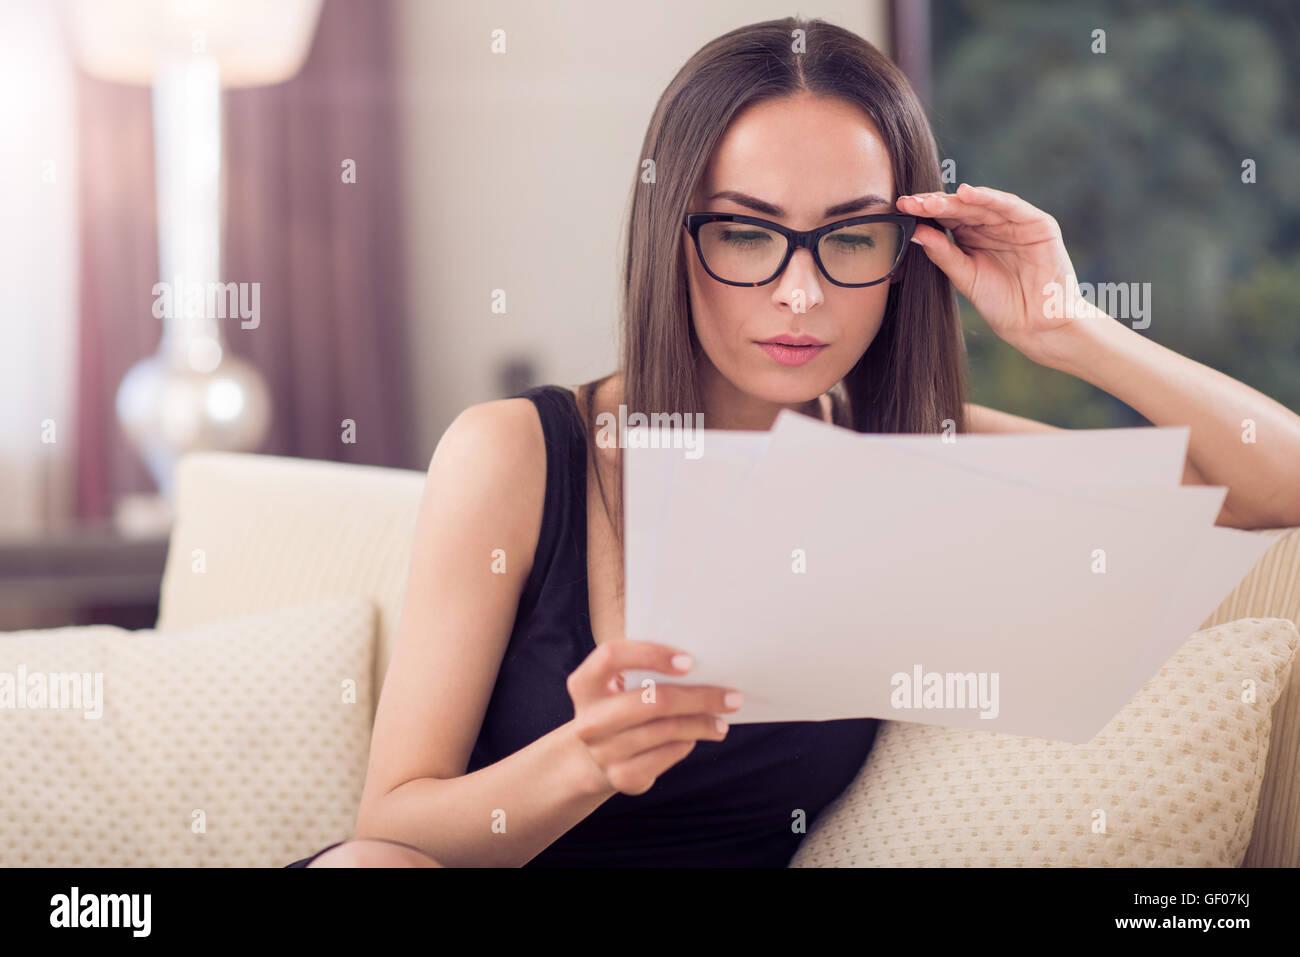 Donna analizzando attentamente le carte Immagini Stock